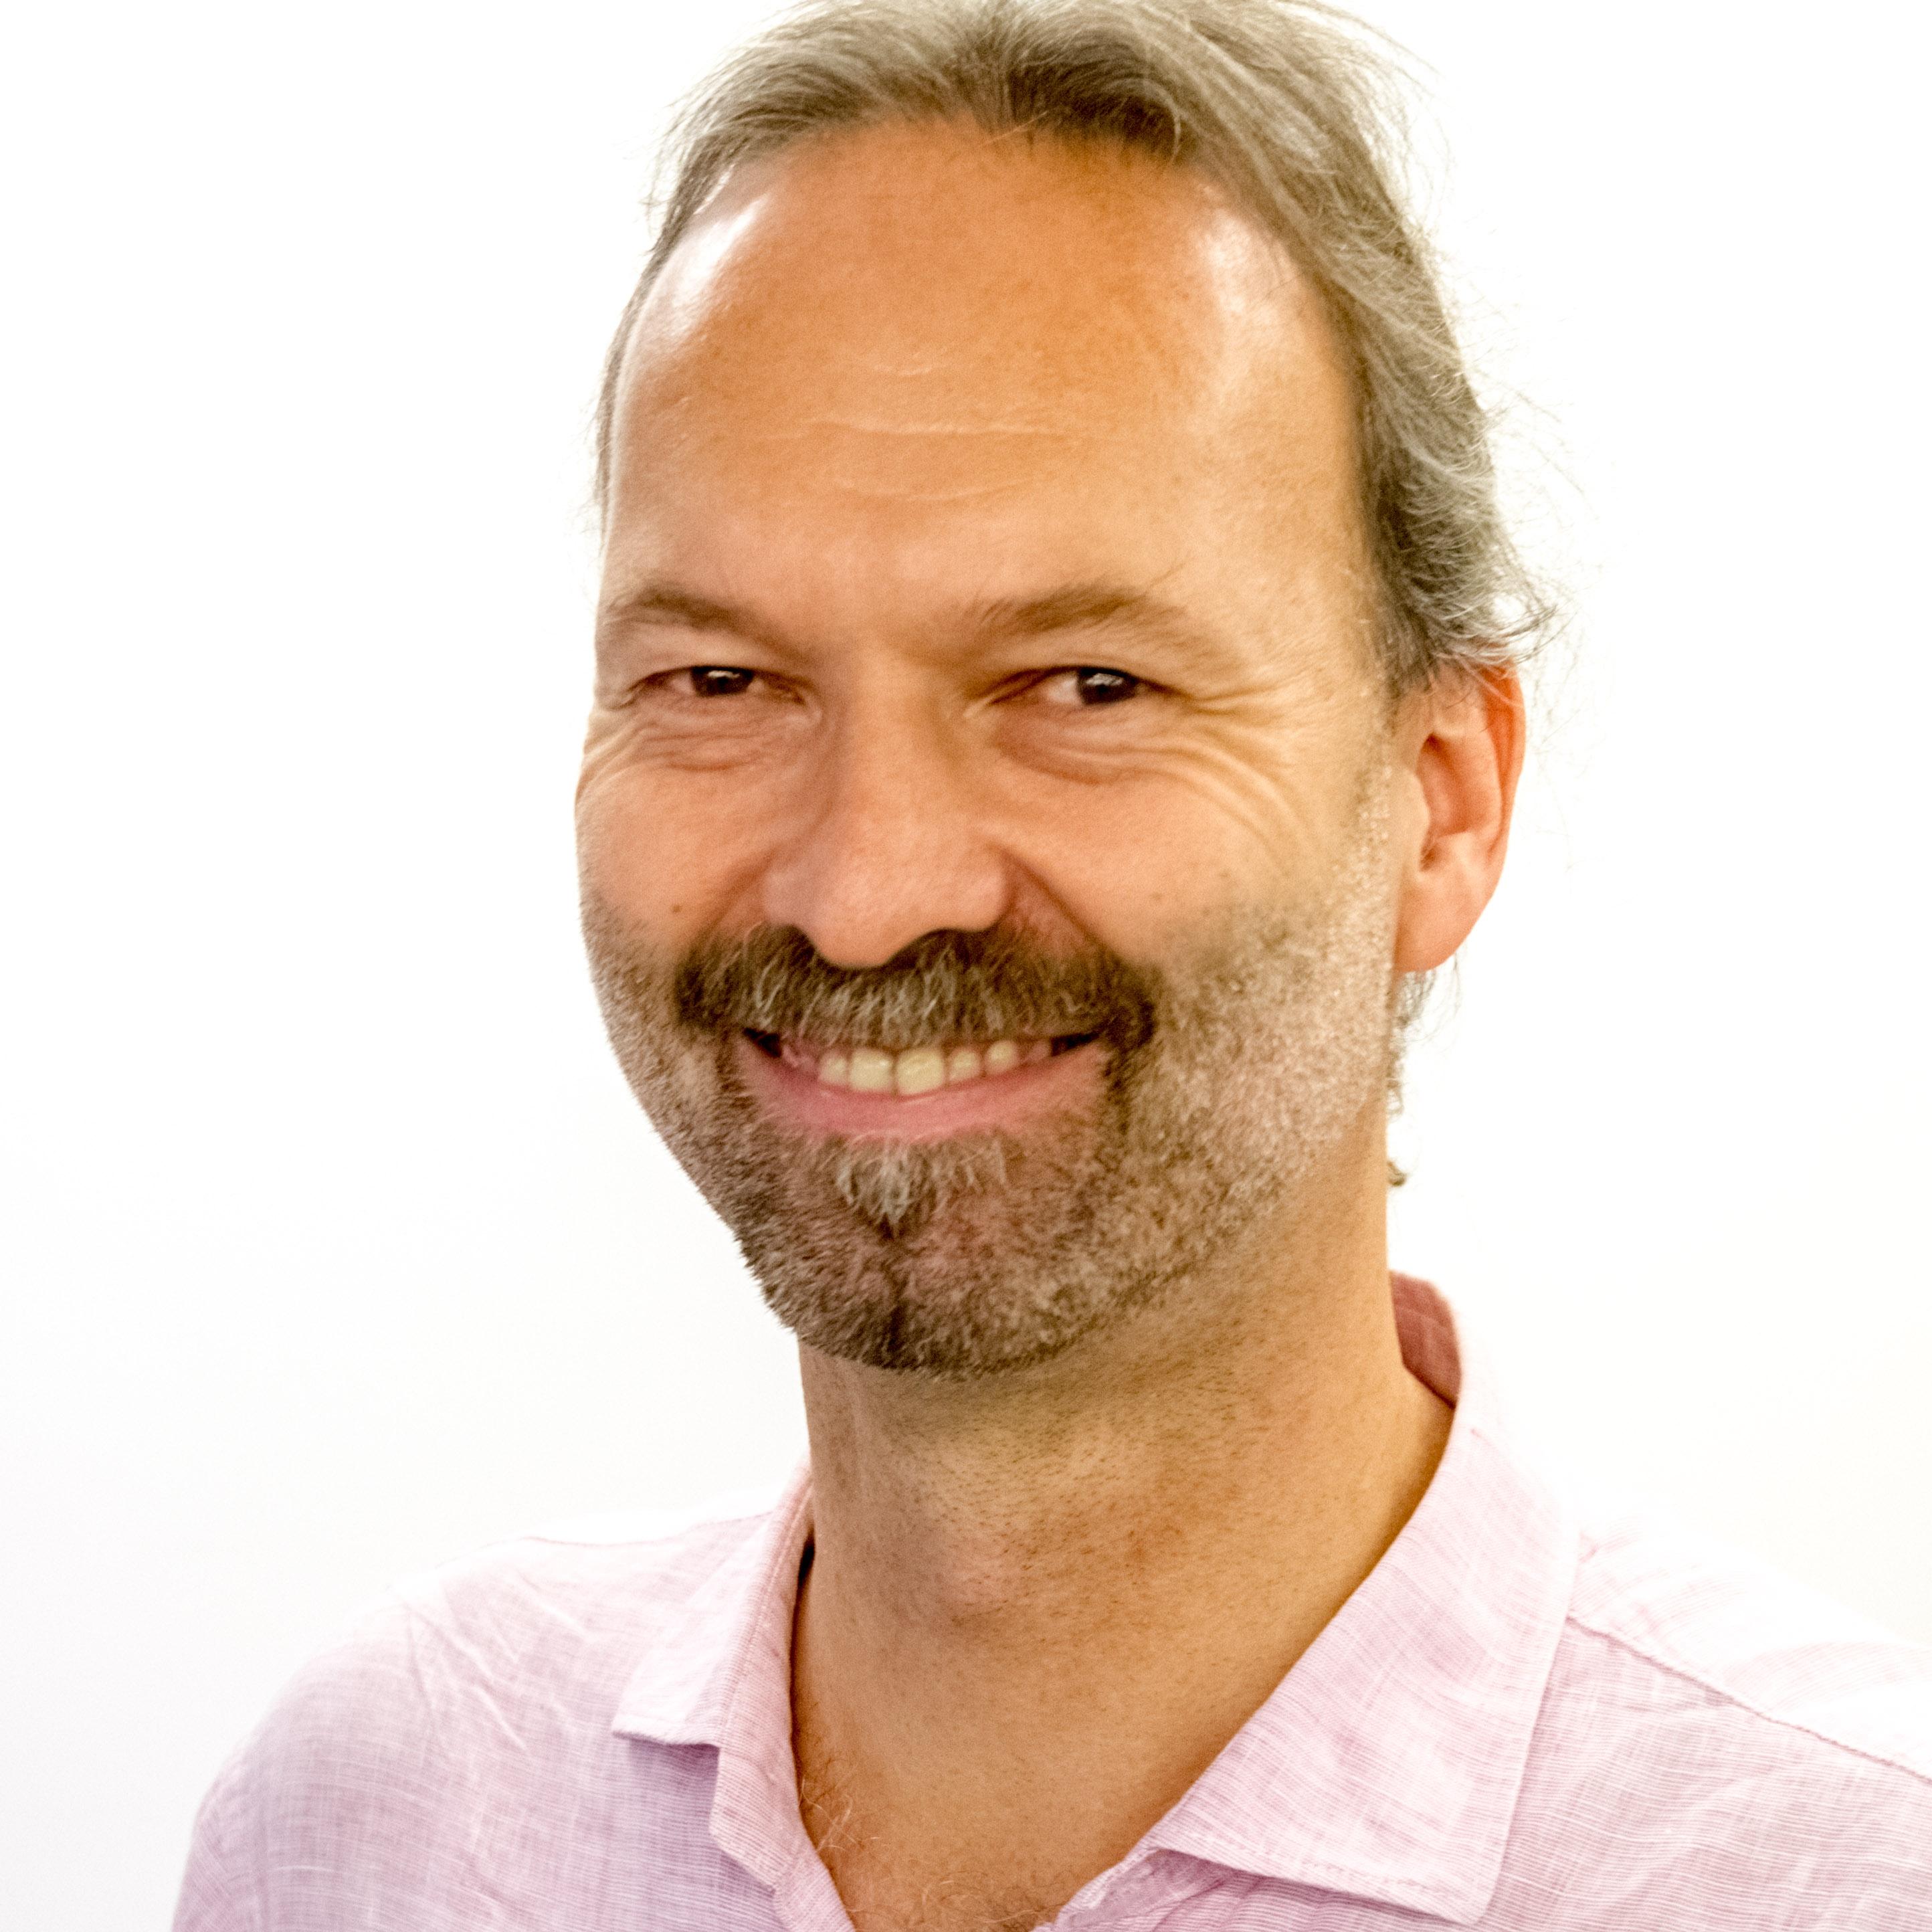 Emil Benesch